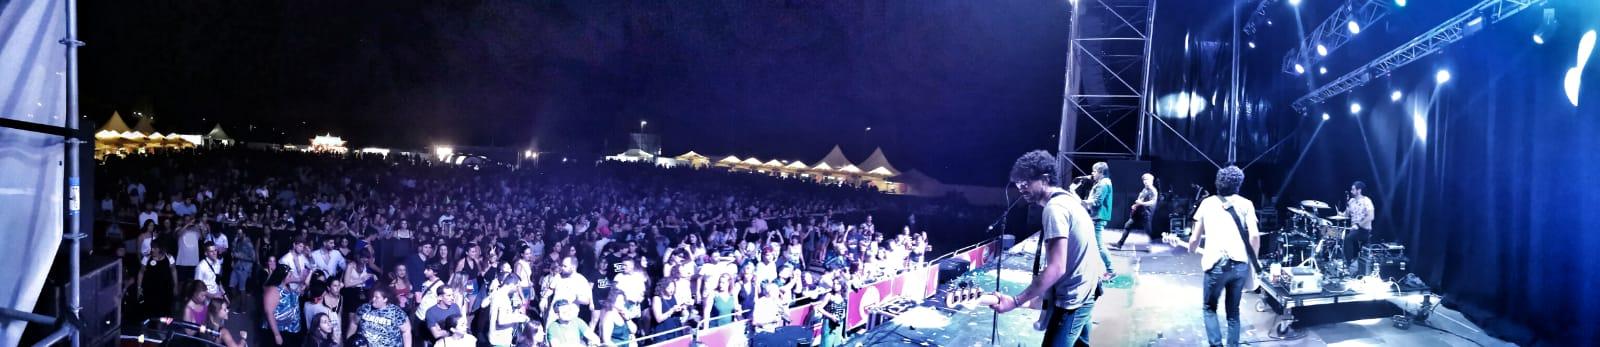 Despistaos en Mediterranea Festival. Imagen by @veritxu